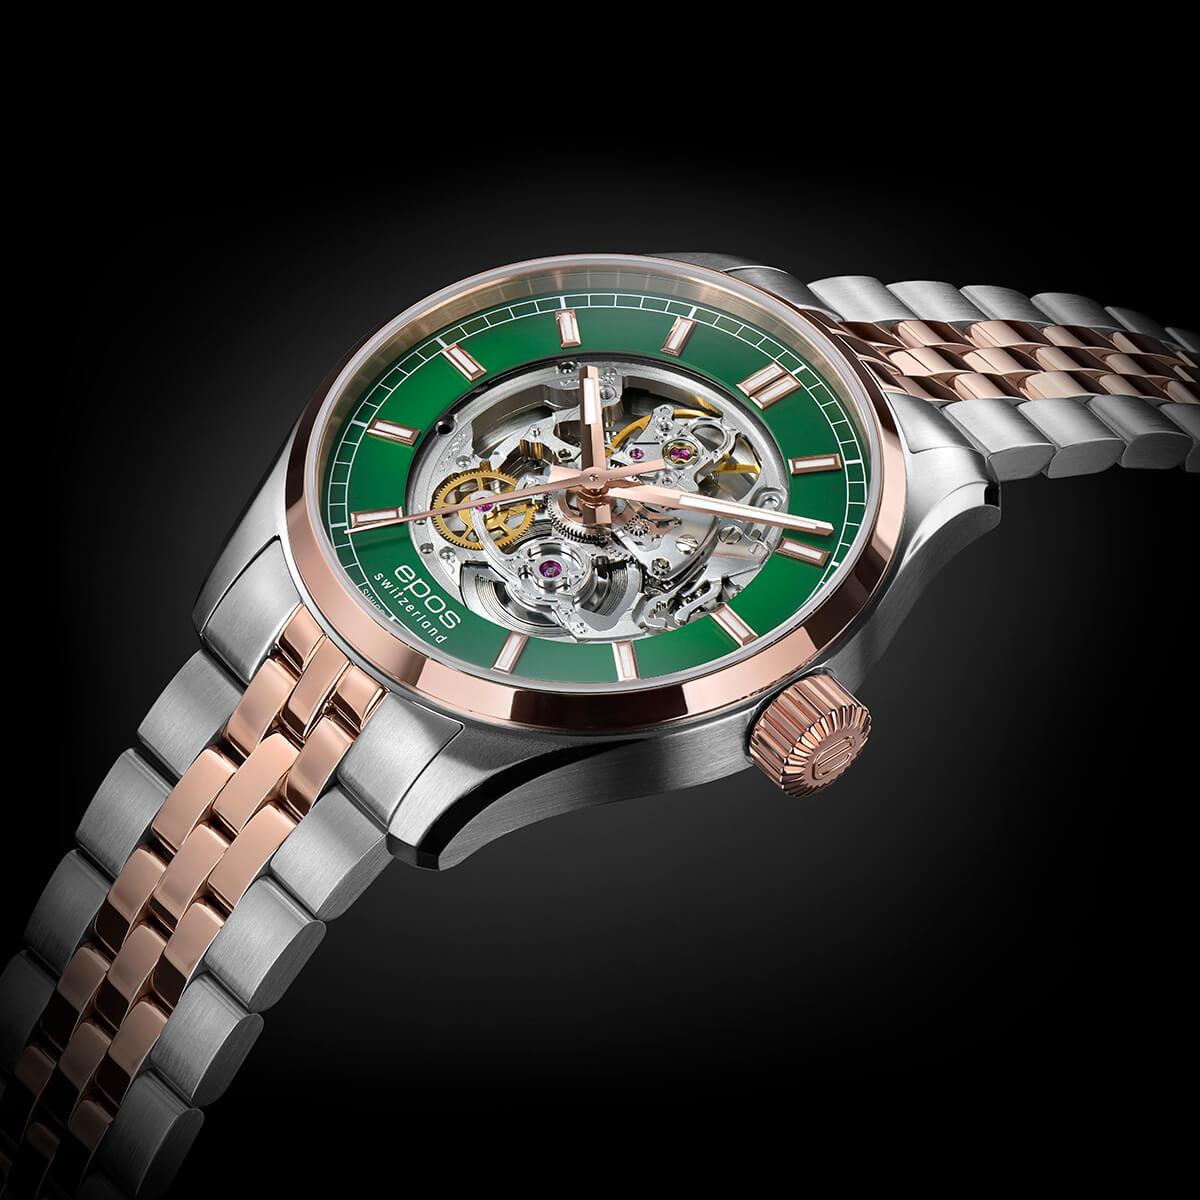 3501.135.34.13.44 zegarek męski Passion